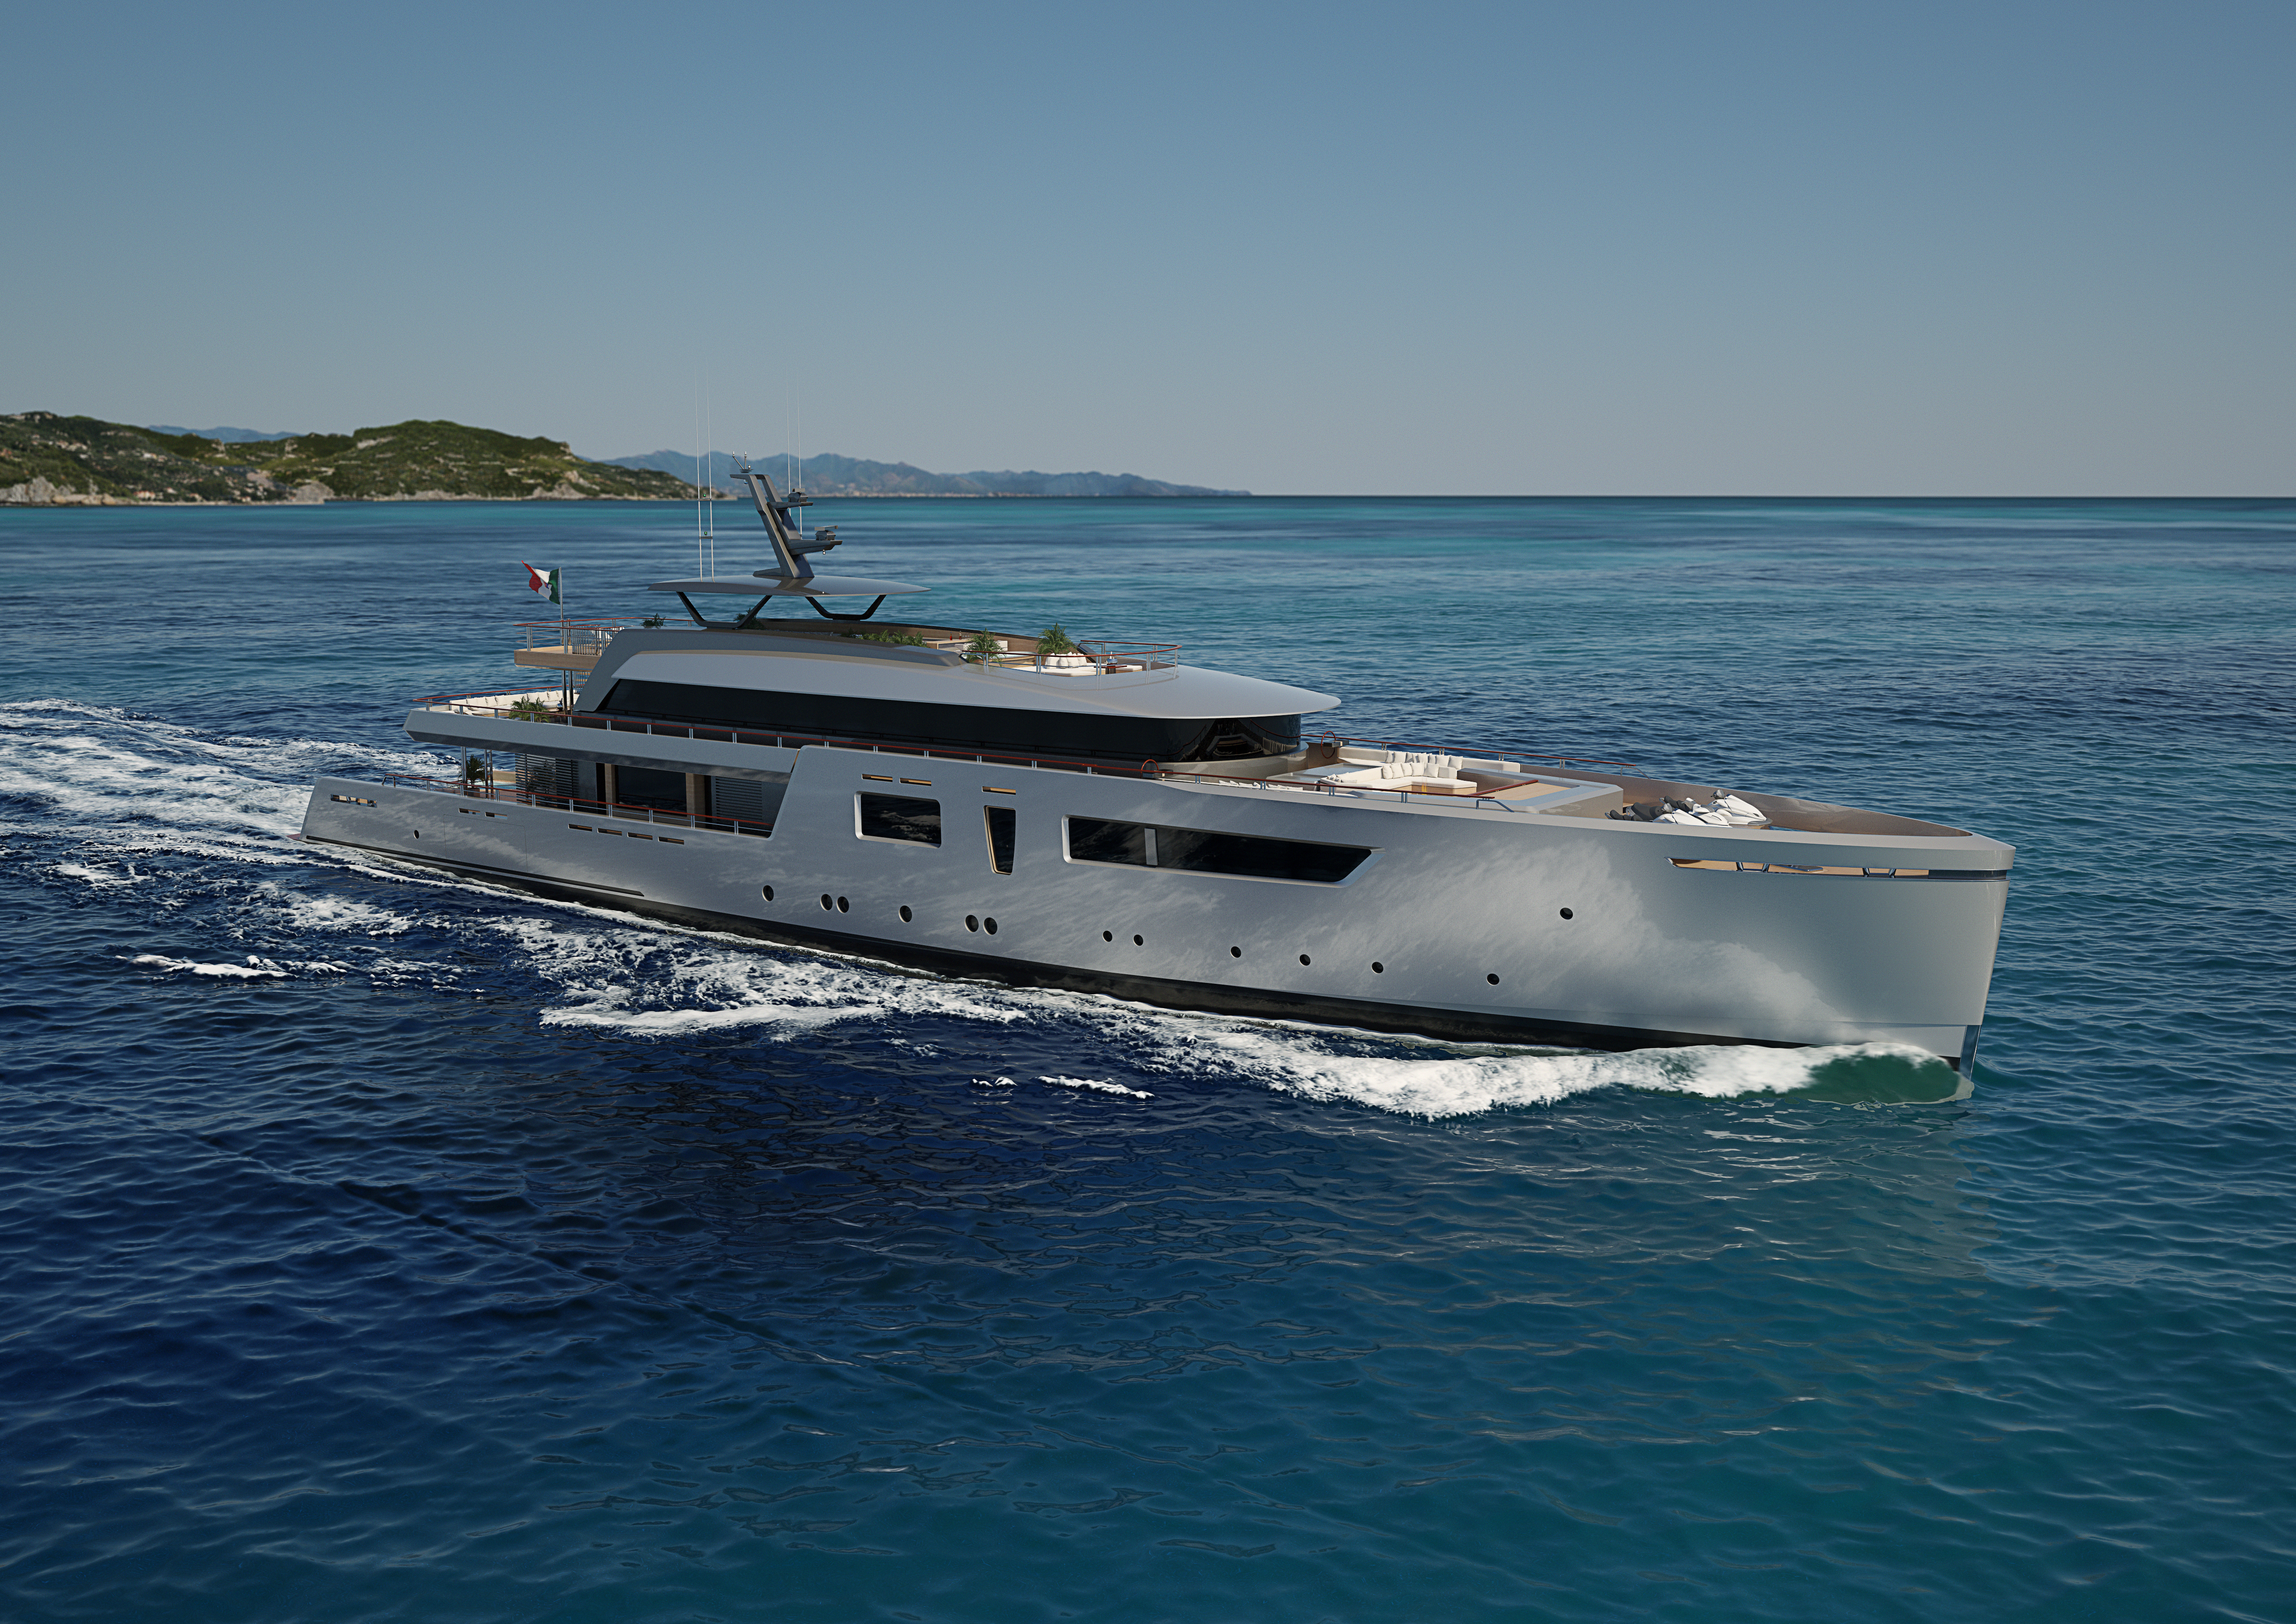 Tankoa présente le concept TLV62 un superyacht de 60m